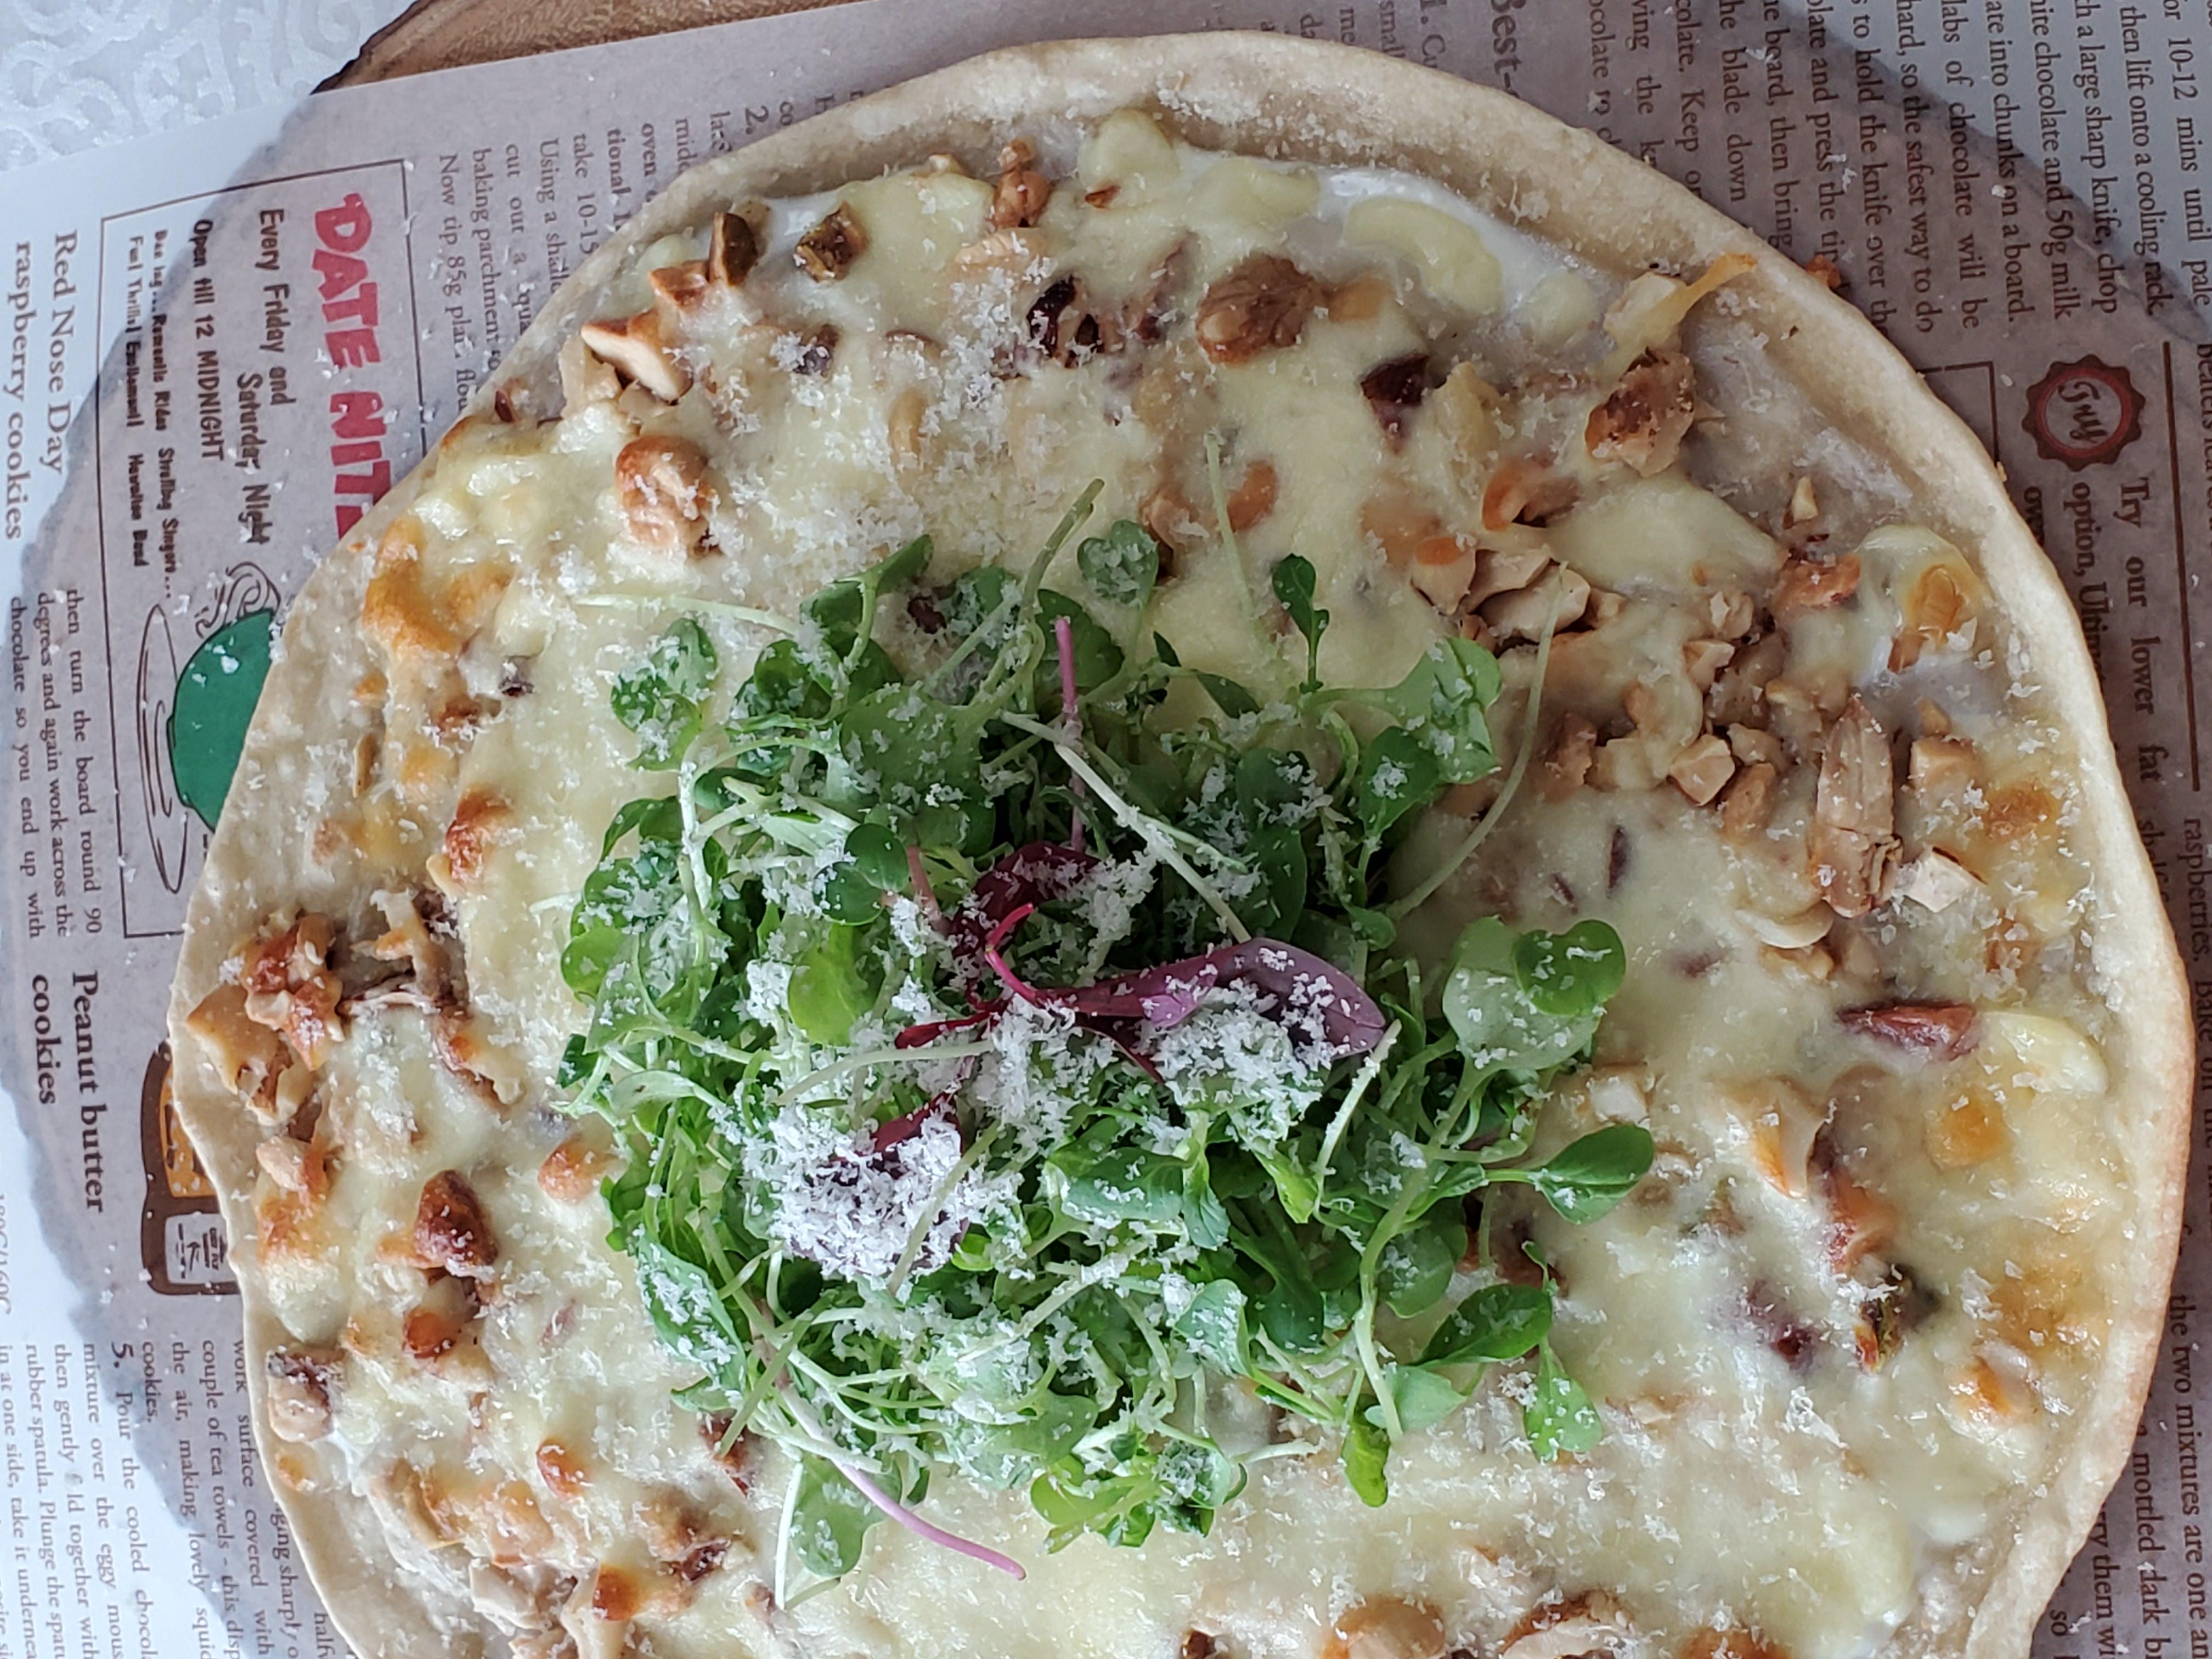 요거트+견과류+피자